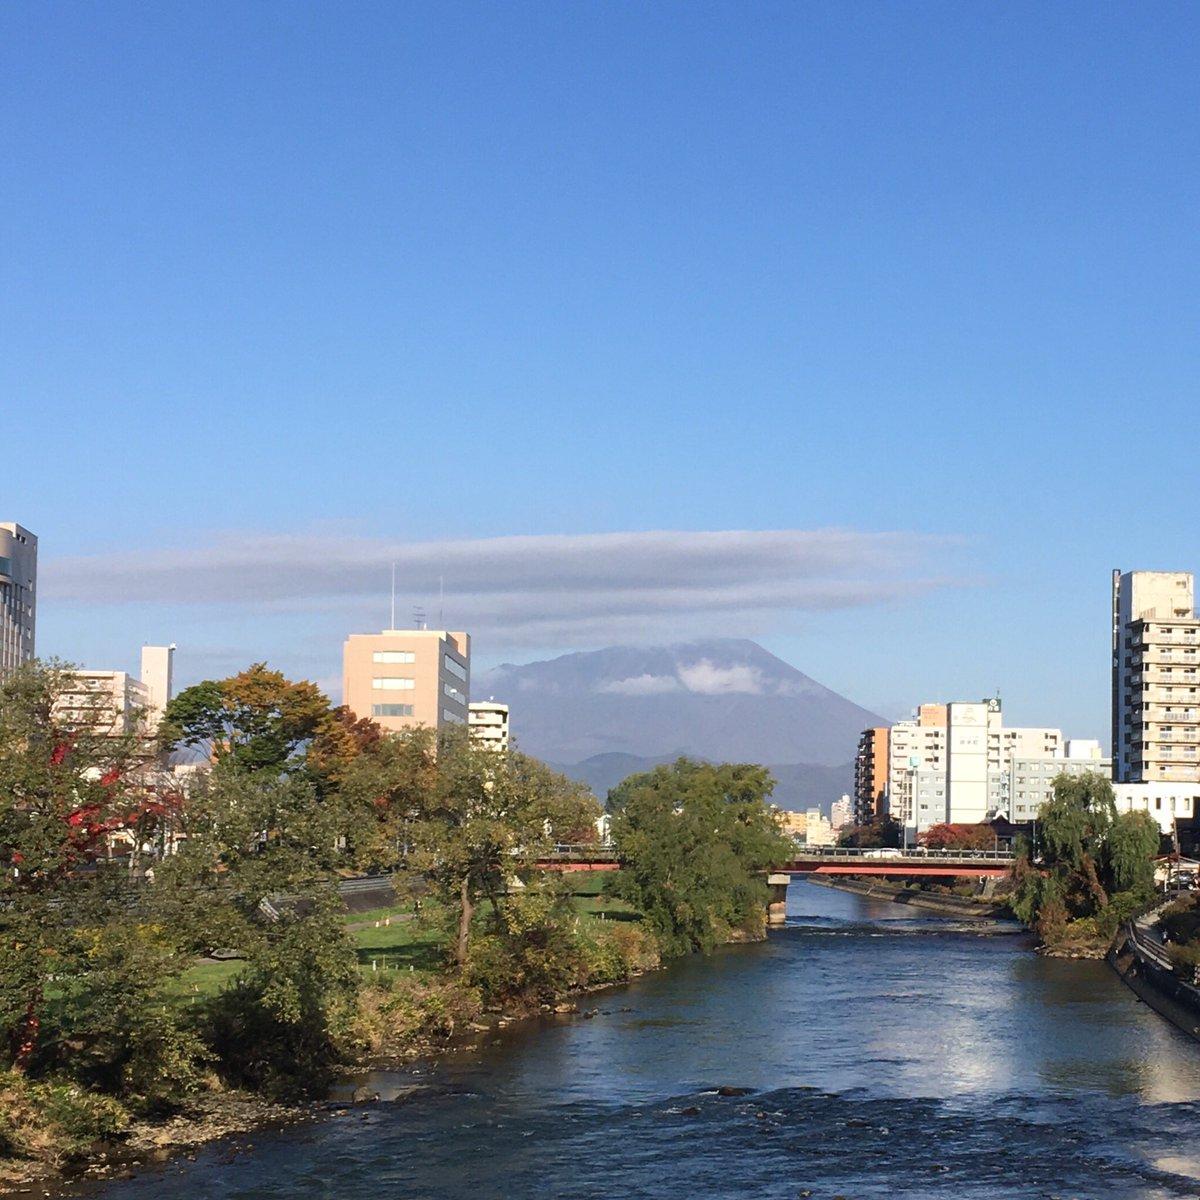 2019/10/31 盛岡市の開運橋から撮影。気がつけば10月最終日です…みなさま、安全第一でお過ごしください。 #岩手 #盛岡 #北上川 #岩手山 #岩手においでよ